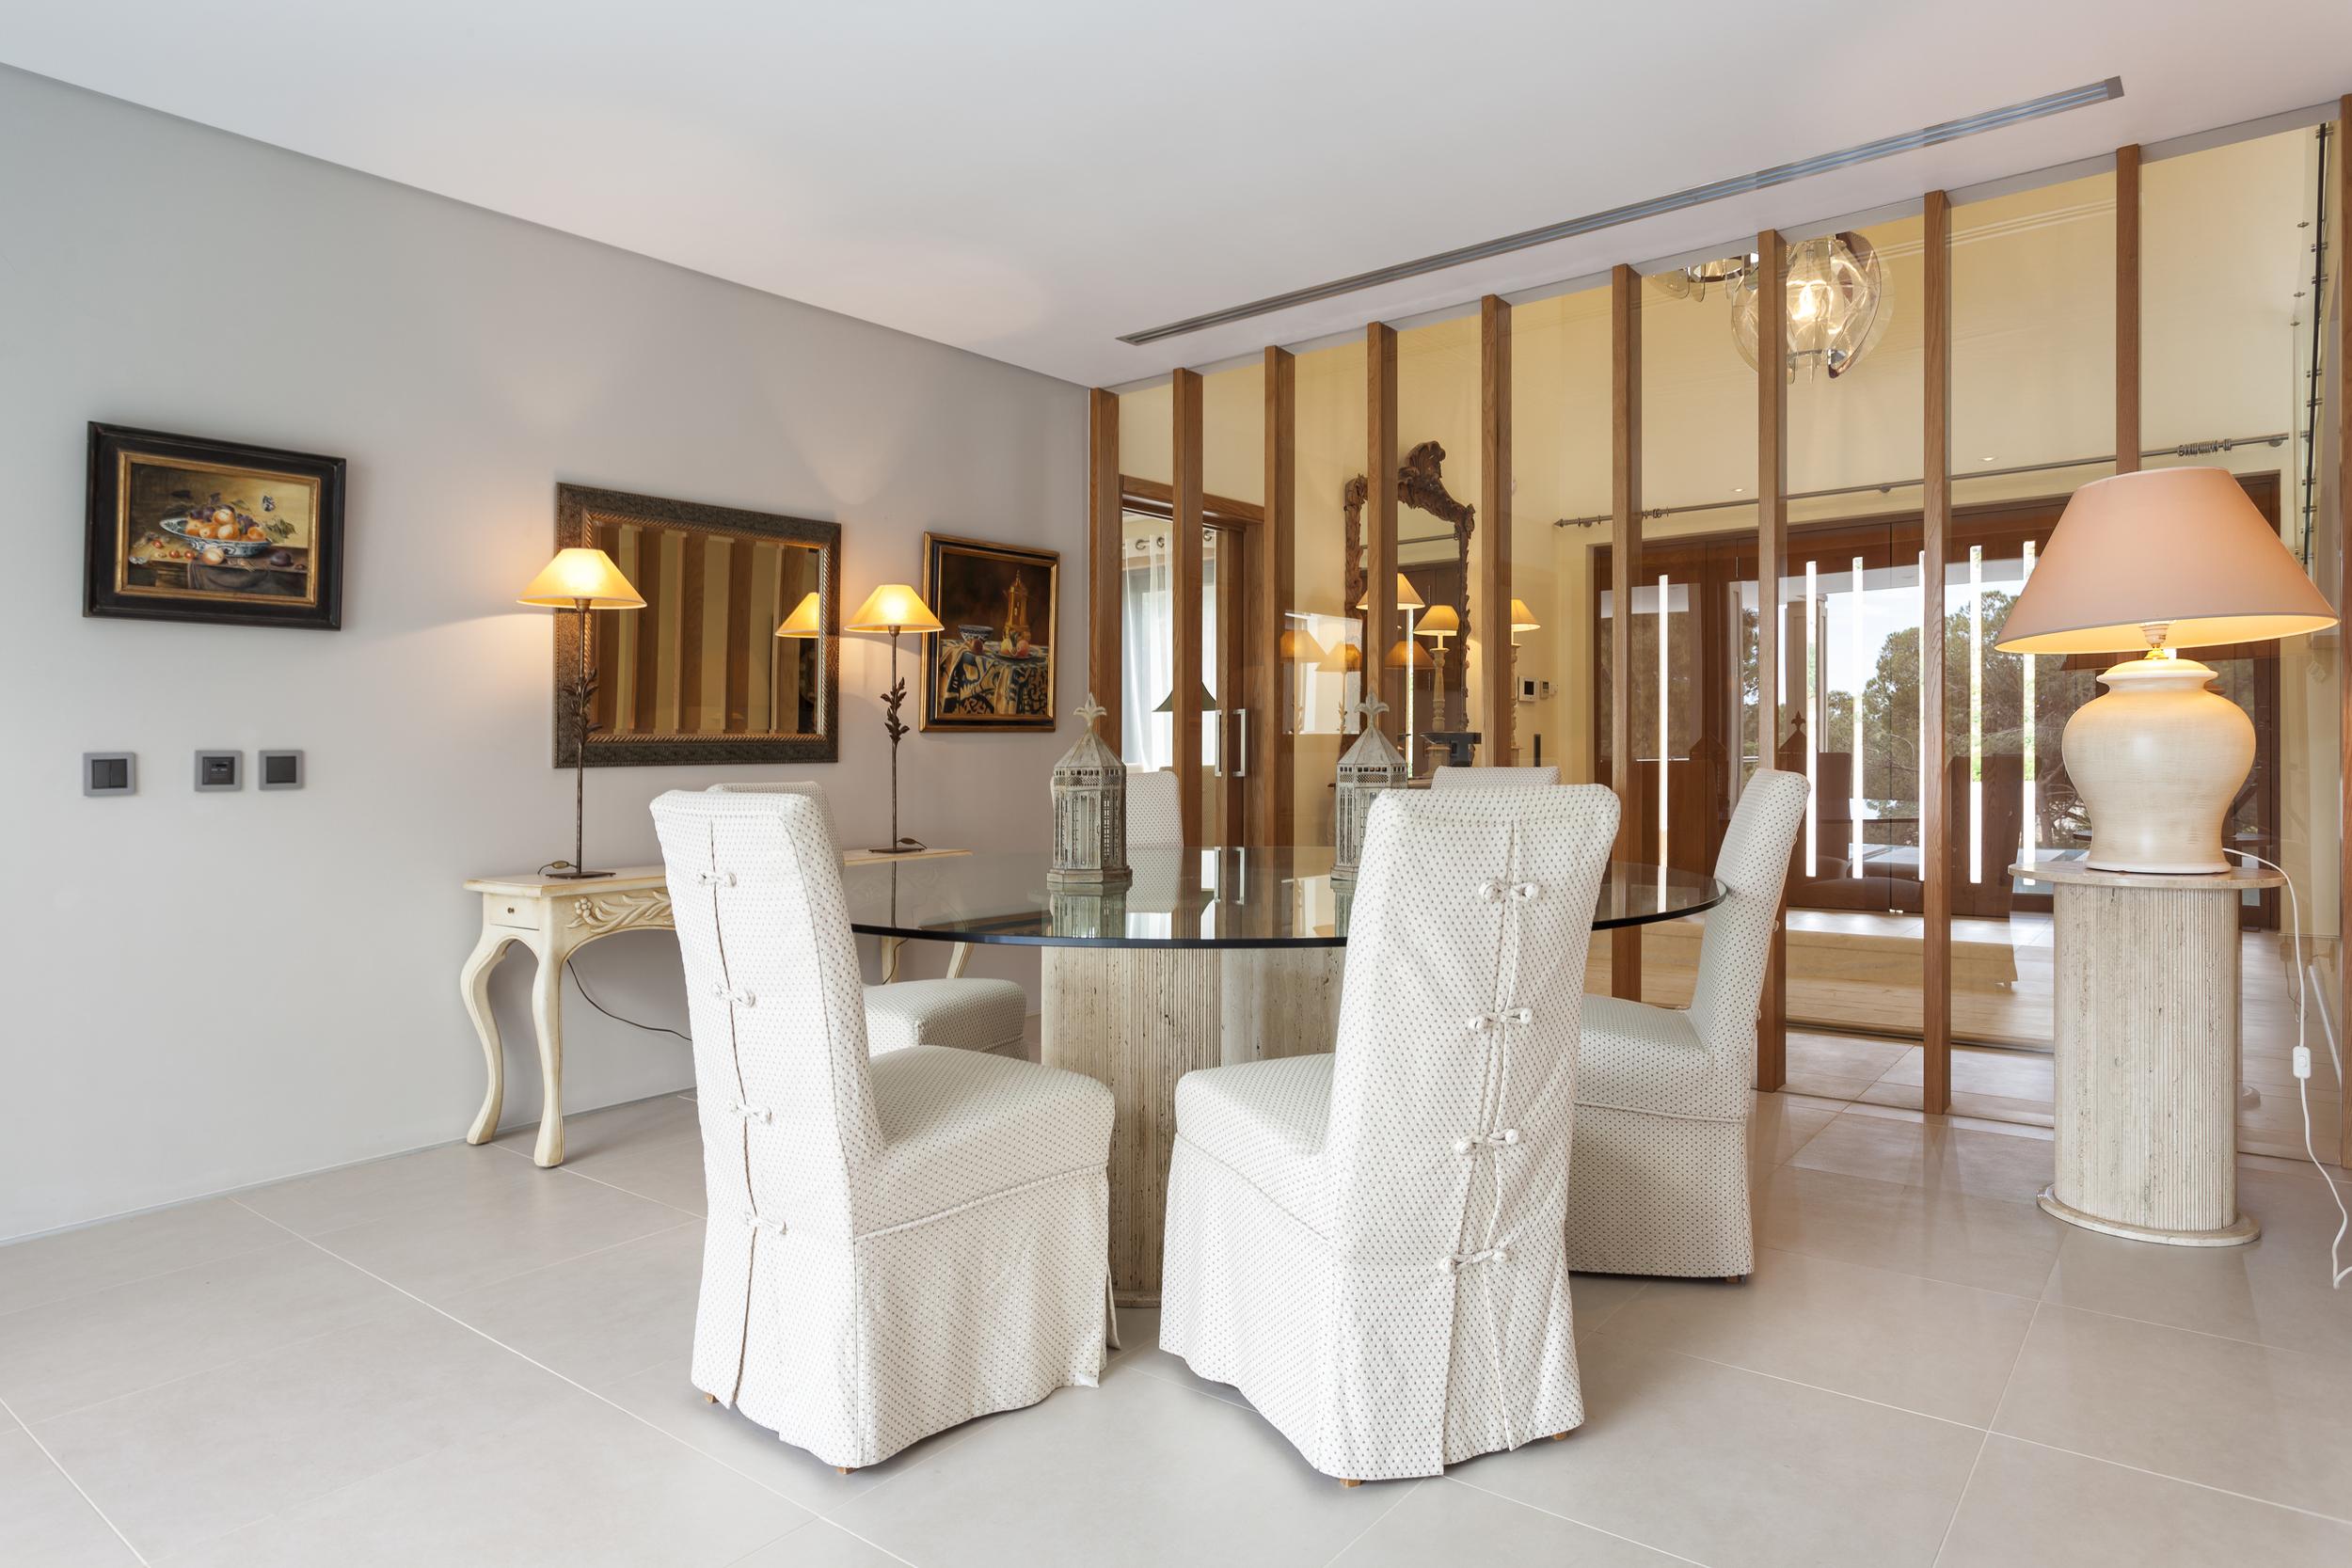 4 bedroom villa to rent in Quinta do Lago, RLV, Villa Serpentine,31.jpg